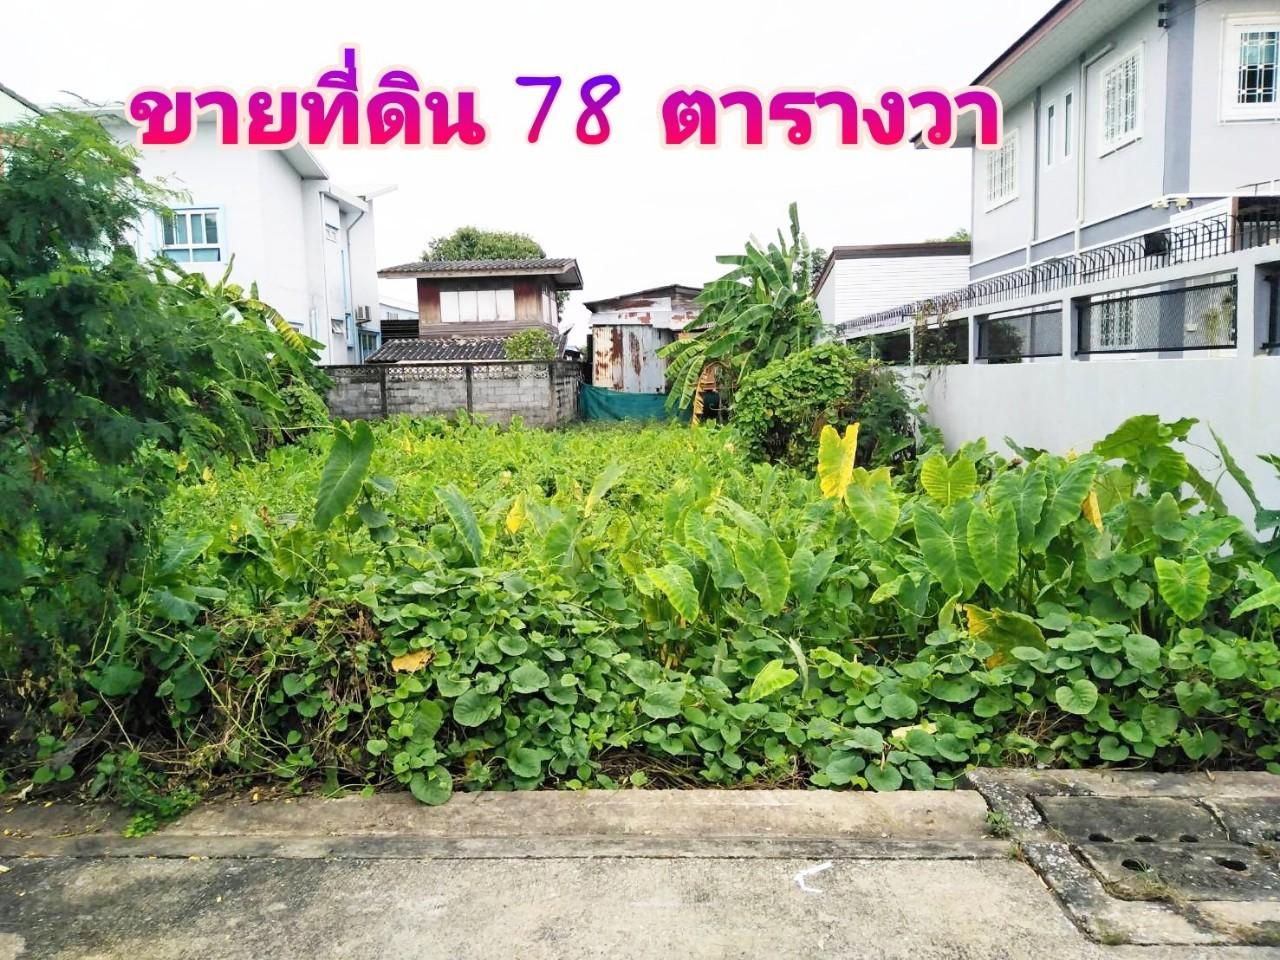 ขายที่ดินเปล่า 78 ตรว. ถนนพุทธมณฑลสาย 2 – ถนนนครลุง